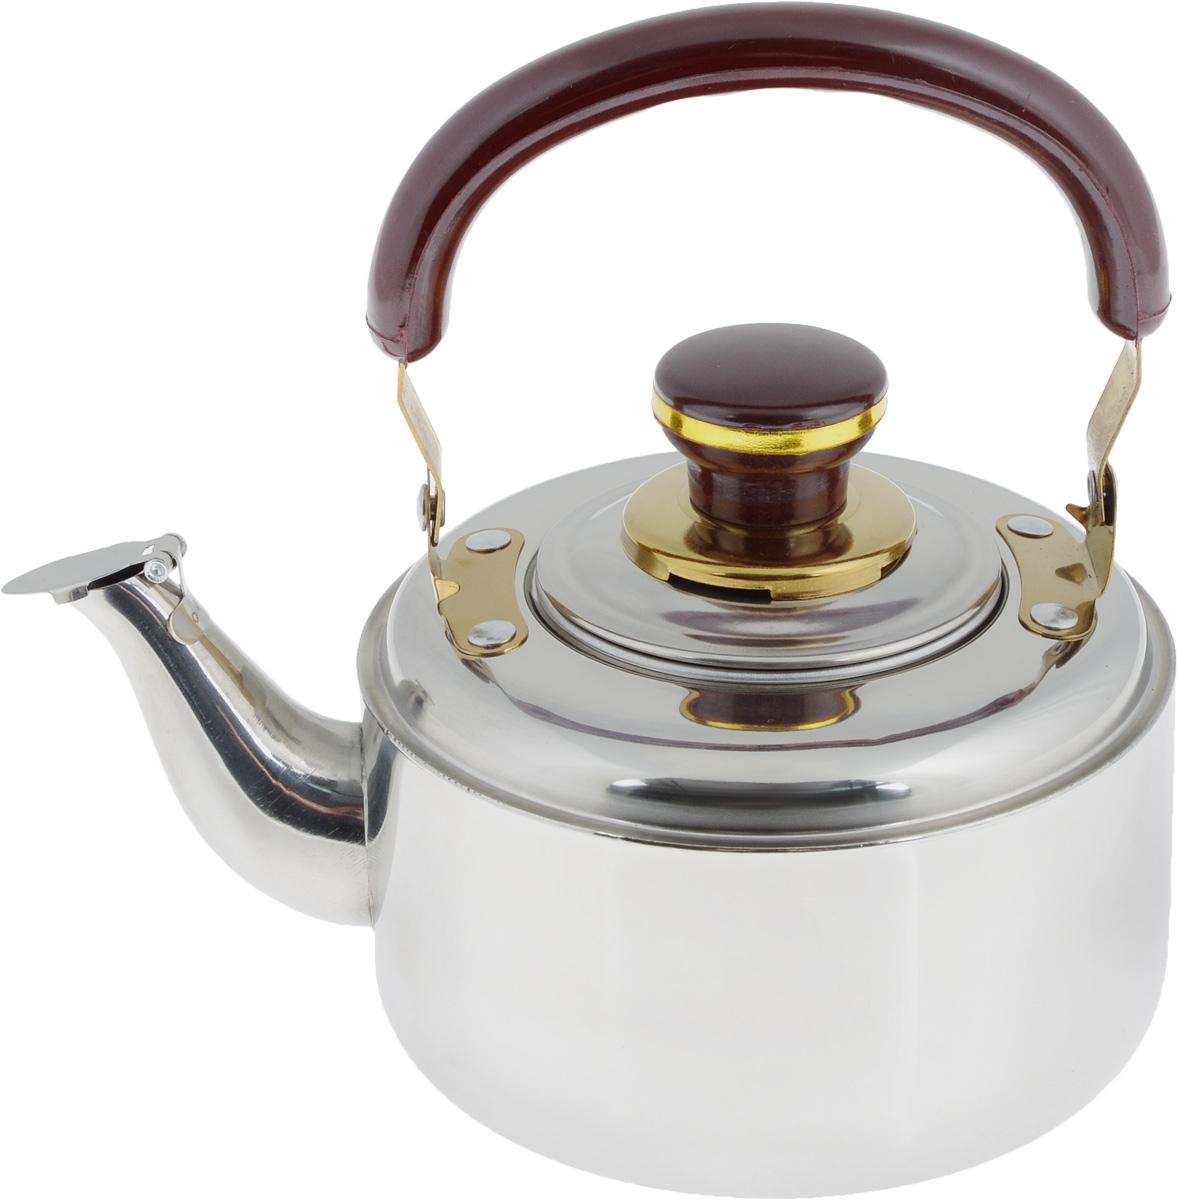 Чайник заварочный Mayer & Boch, со свистком, с фильтром, 1 л. 400400Заварочный чайник Mayer & Boch выполнен из высококачественной нержавеющей стали, что обеспечивает долговечность использования. Внешнее зеркальное покрытие придает приятный внешний вид. Бакелитовая ручка делает использование чайника очень удобным и безопасным. Крышка оснащена свистком, что позволит вам контролировать процесс подогрева или кипячения воды. Чайник оснащен фильтром, с помощью которого можно заваривать ваш любимый чай. Можно мыть в посудомоечной машине. Пригоден для газовых, электрических и стеклокерамических плит, кроме индукционных. Диаметр чайника по верхнему краю: 7 см. Высота чайника (без учета крышки и ручки): 8,5 см. Высота чайника (с учетом крышки и ручки): 18 см. Размер фильтра: 7,5 х 7,5 х 5,5 см.